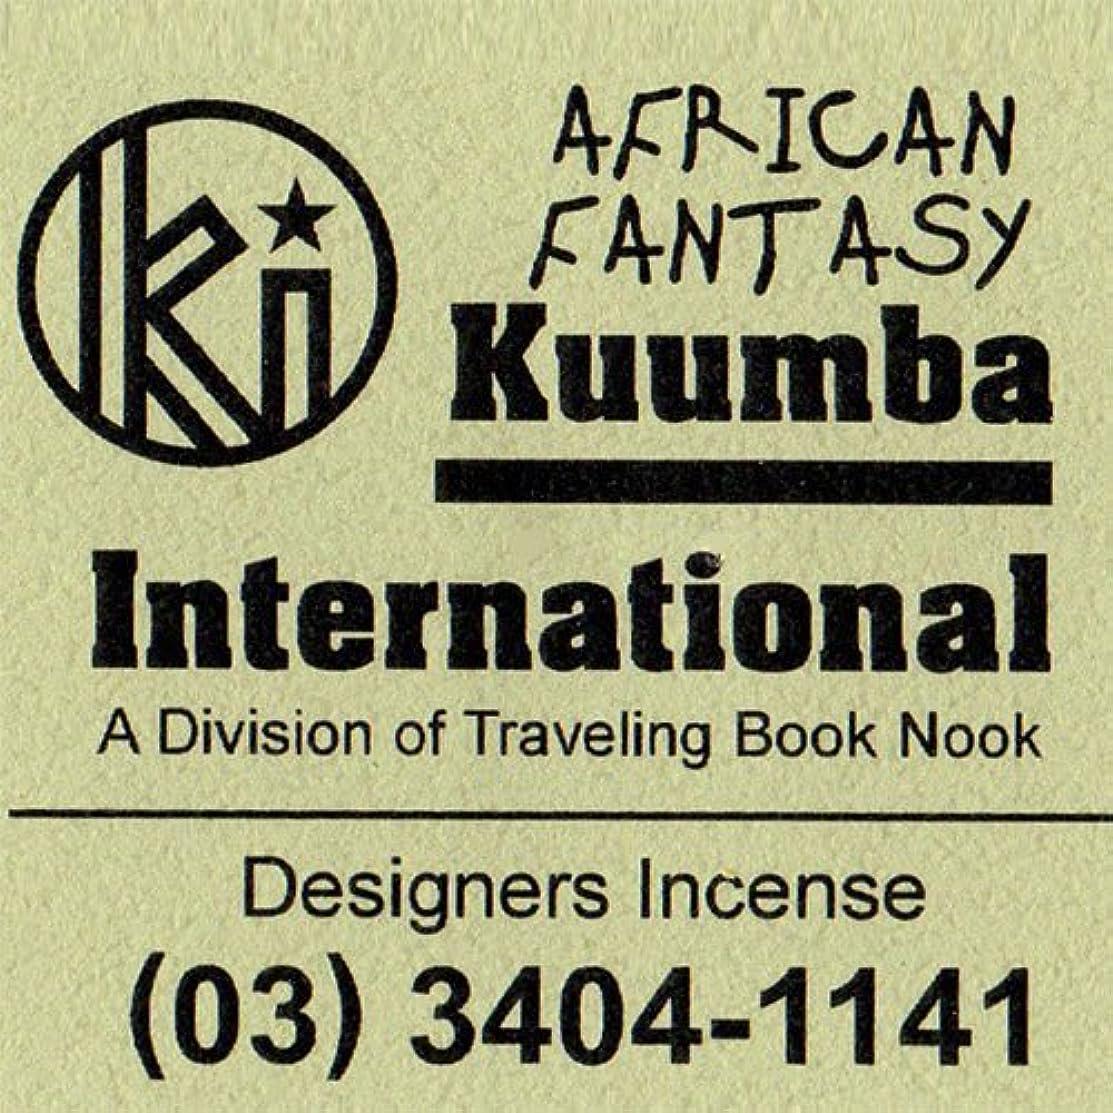 失業有毒な教養があるKUUMBA / クンバ『incense』(AFRICAN FANTASY) (Regular size)